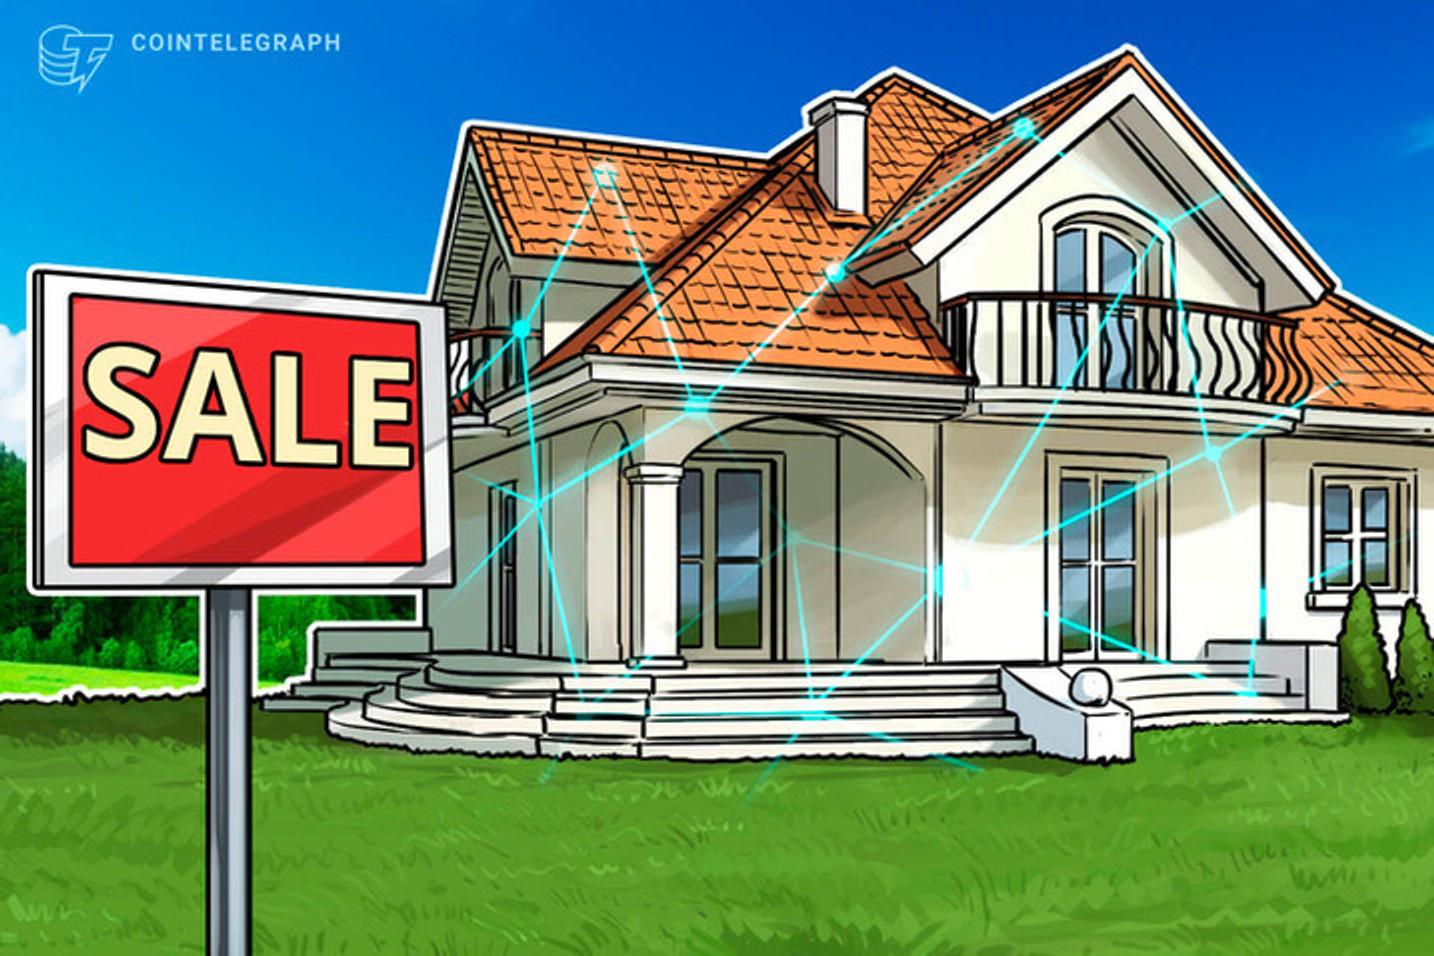 'Comprar um imóvel nem sempre é um bom investimento, eu por exemplo, perdi muito dinheiro', diz investidora